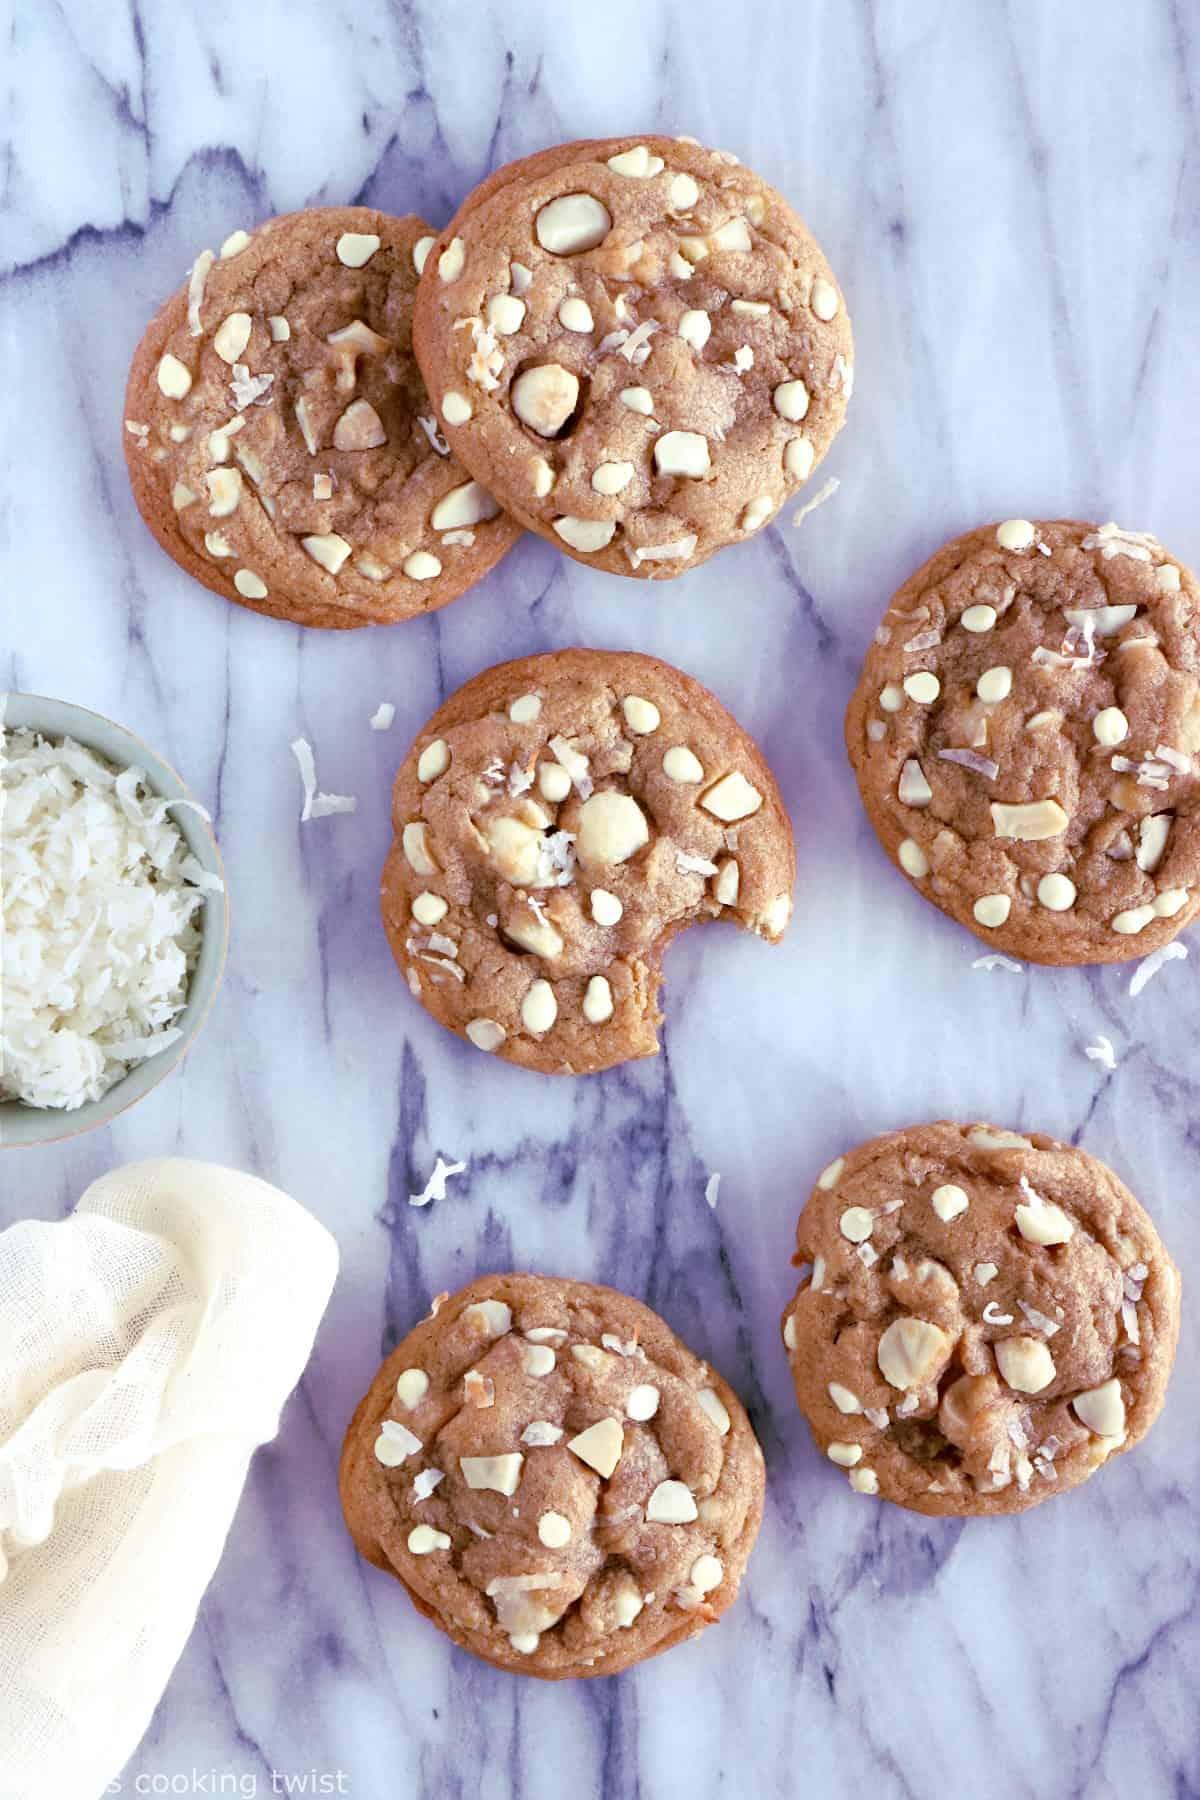 Cookies au chocolat blanc, noix de coco et noix de macadamia. Plongez dans la douceur de ces cookies au chocolat blanc, noix de coco et noix de macadamia à la texture à la fois souple et légèrement croustillante sur les côtés. Amoureux de chocolat blanc, cette recette est pour vous !